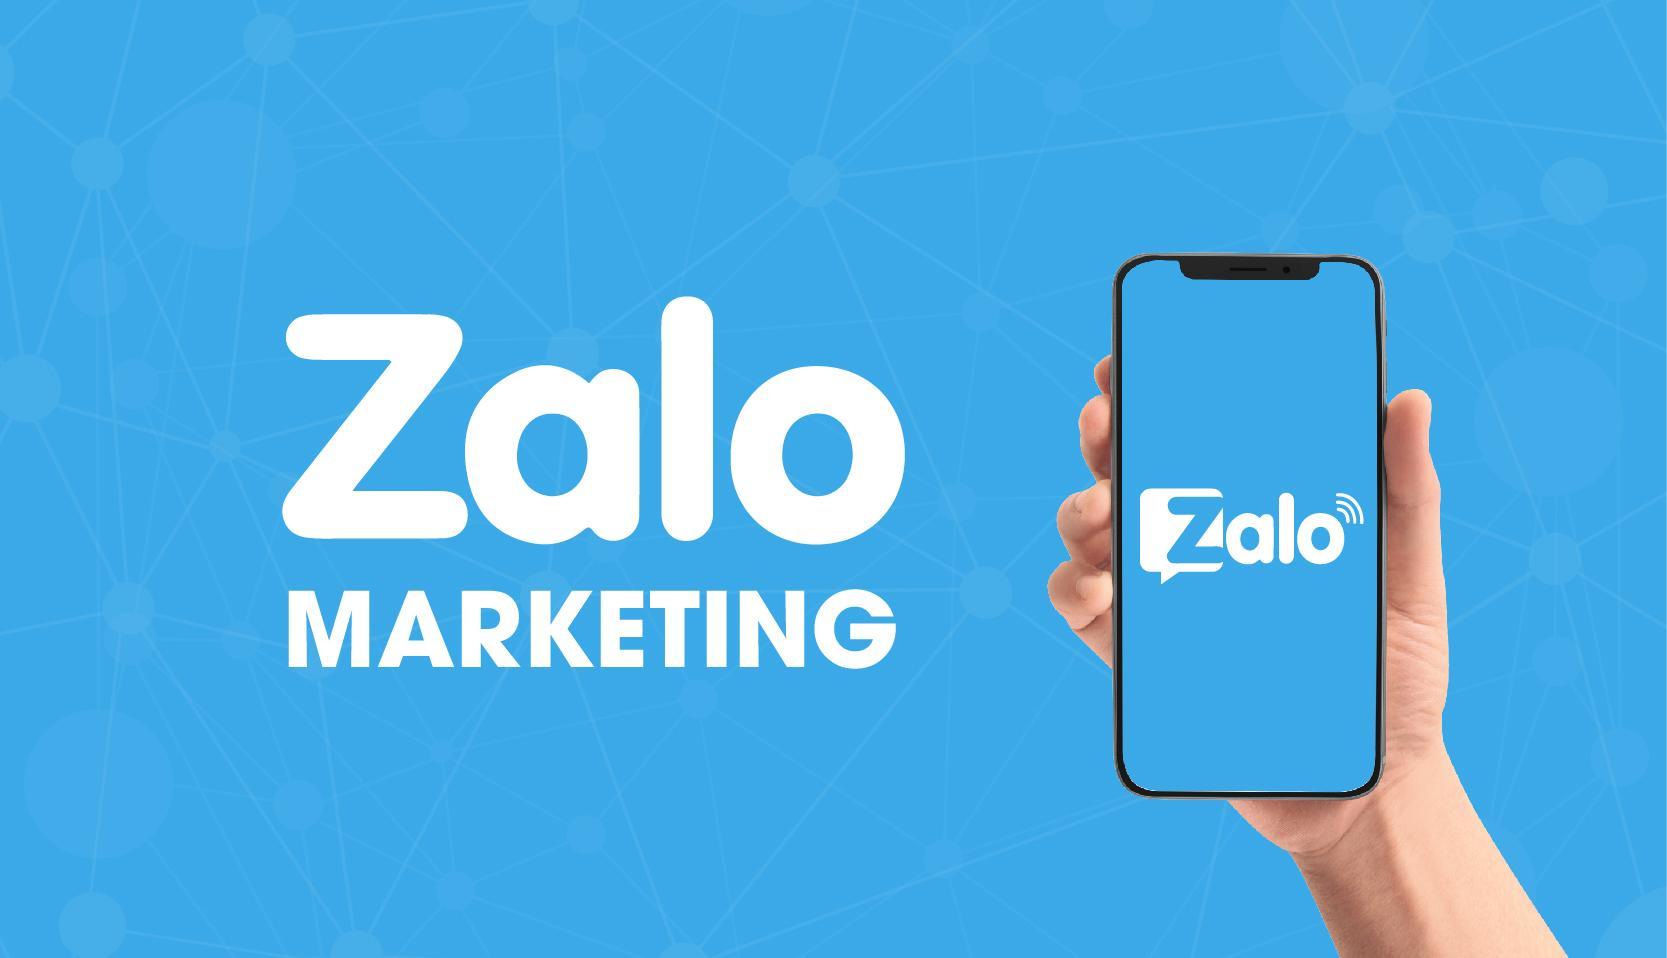 Phần mềm nuôi nick Zalo là gì? 4 phần mềm nuôi nick Zalo tốt nhất hiện nay